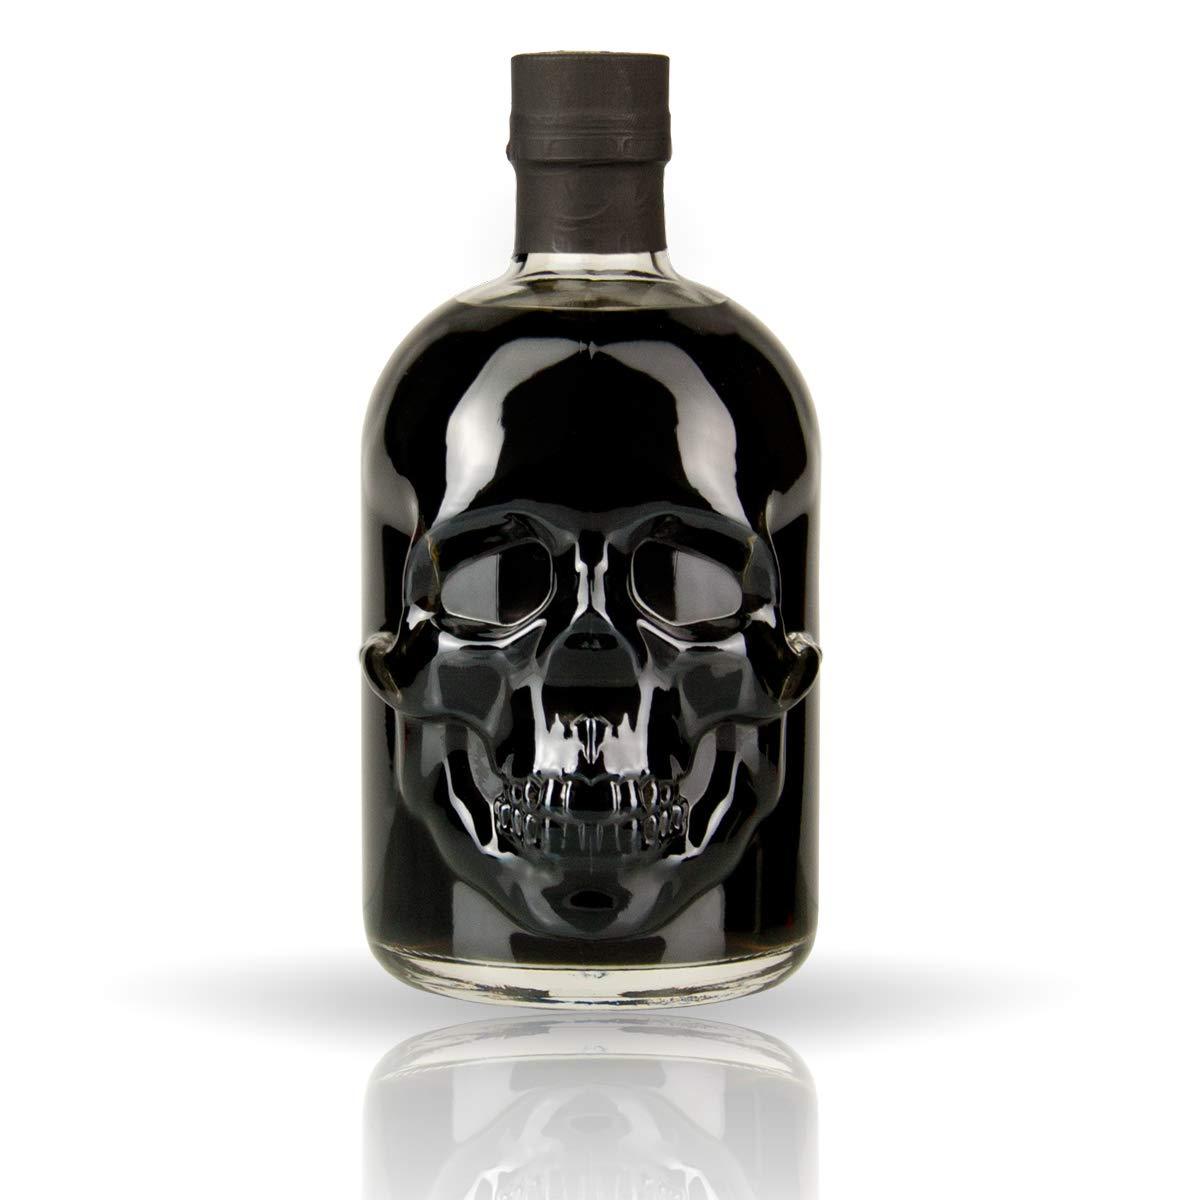 1-Flasche-Black-Head-Absinth-05l-Absynth-Drink-55-Vol-Alkohol-und-35mg-Thujon-Alkoholische-Schnaps-Geschenk-Idee-fr-Mnner